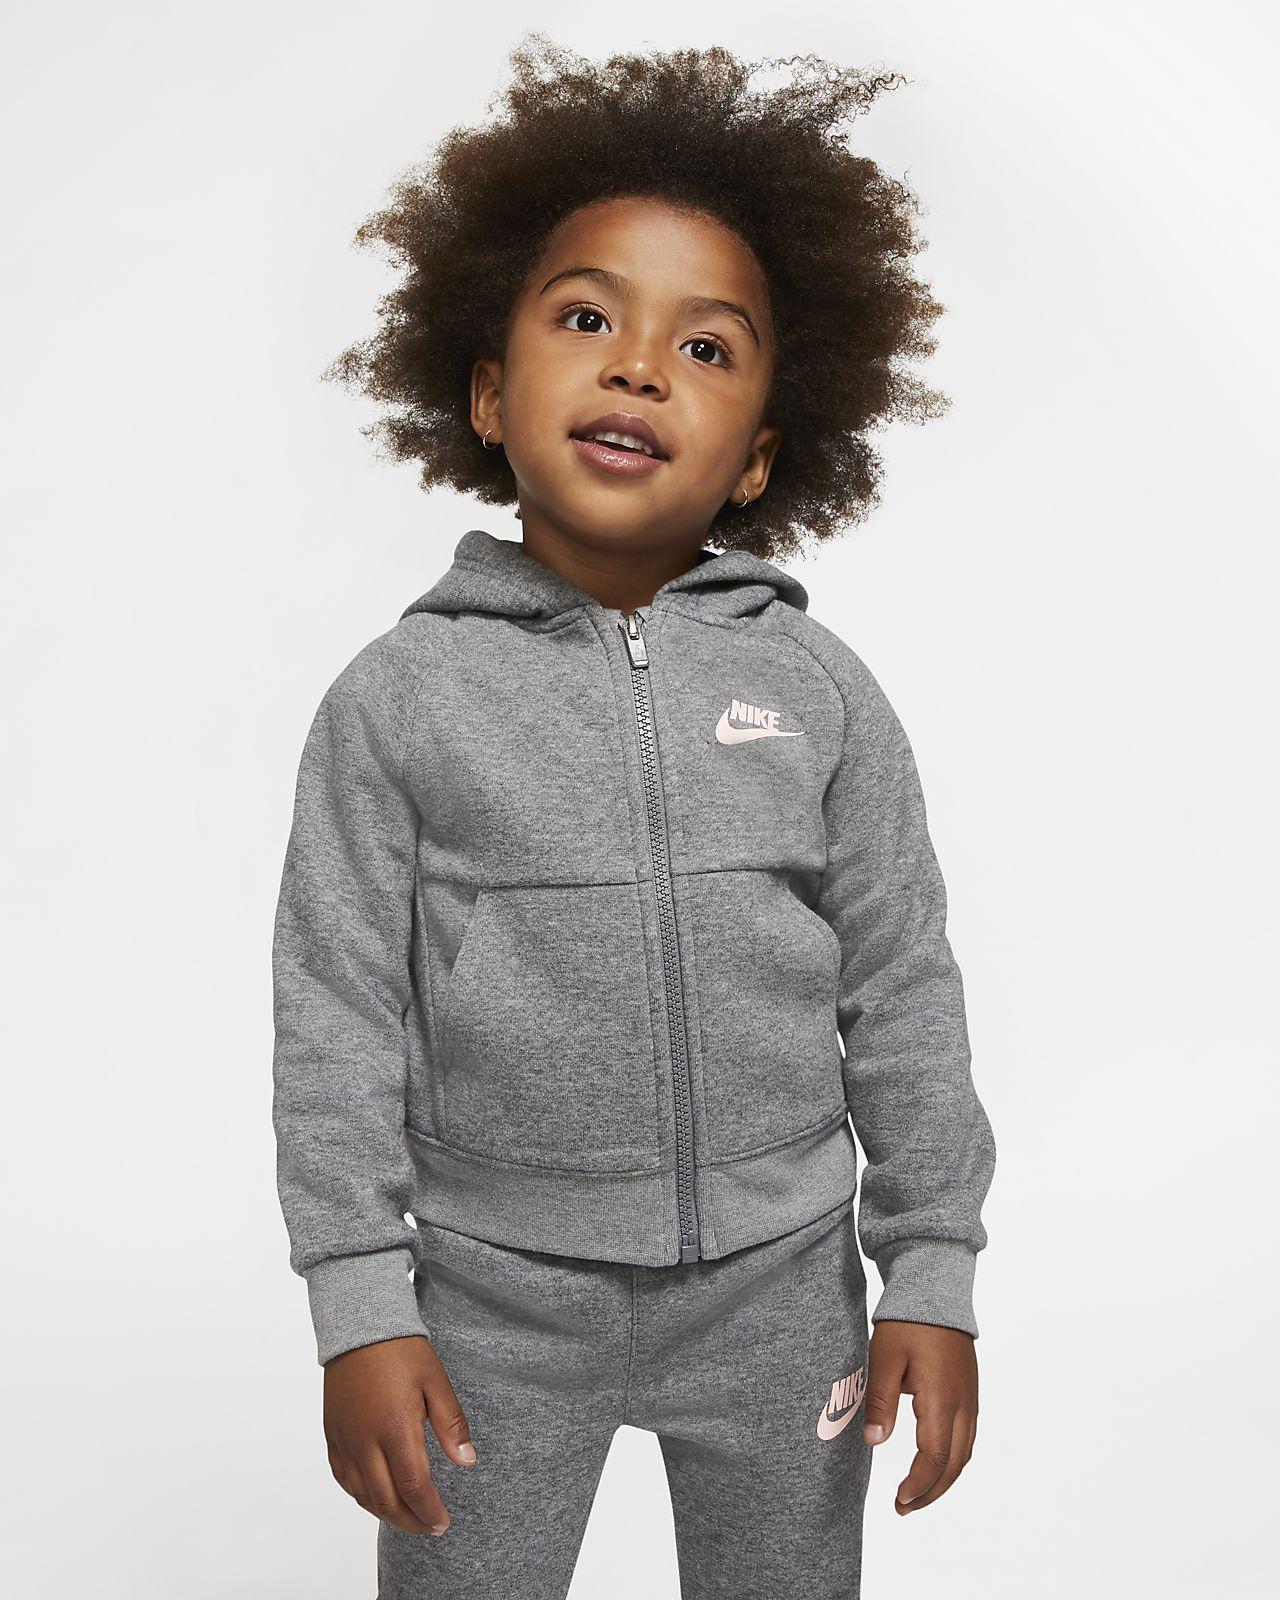 Nike zweiteiliges Set aus Rundhalsshirt und Hoodie für Kleinkinder